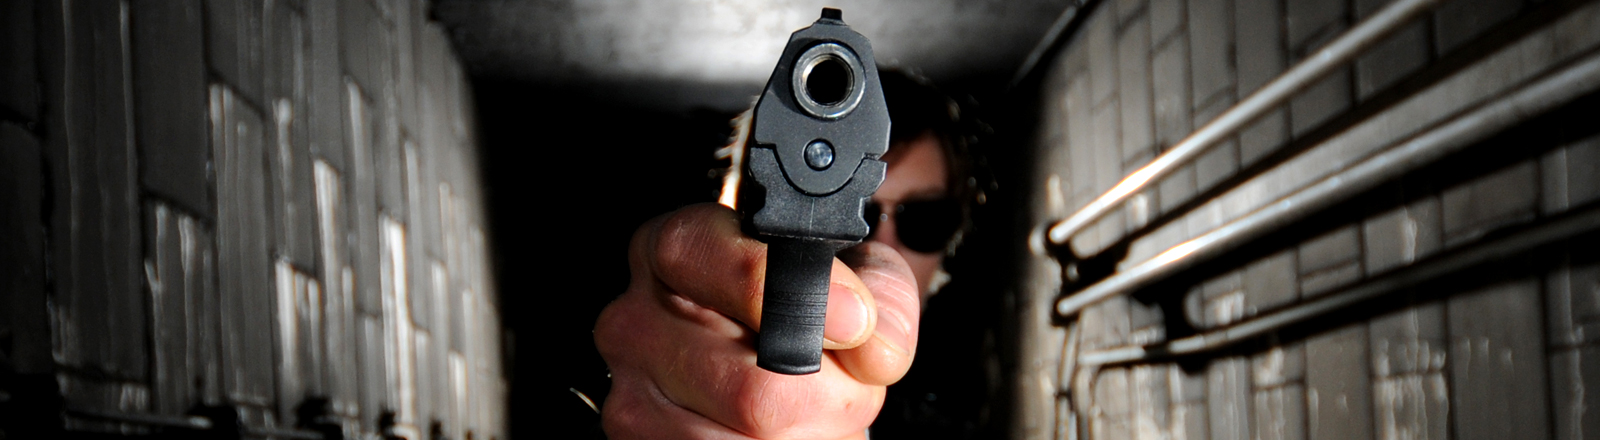 Ein Mann mit Sonnenbrille zielt in einem schmalen Kellergang mit einer Waffe auf die Kameralinse